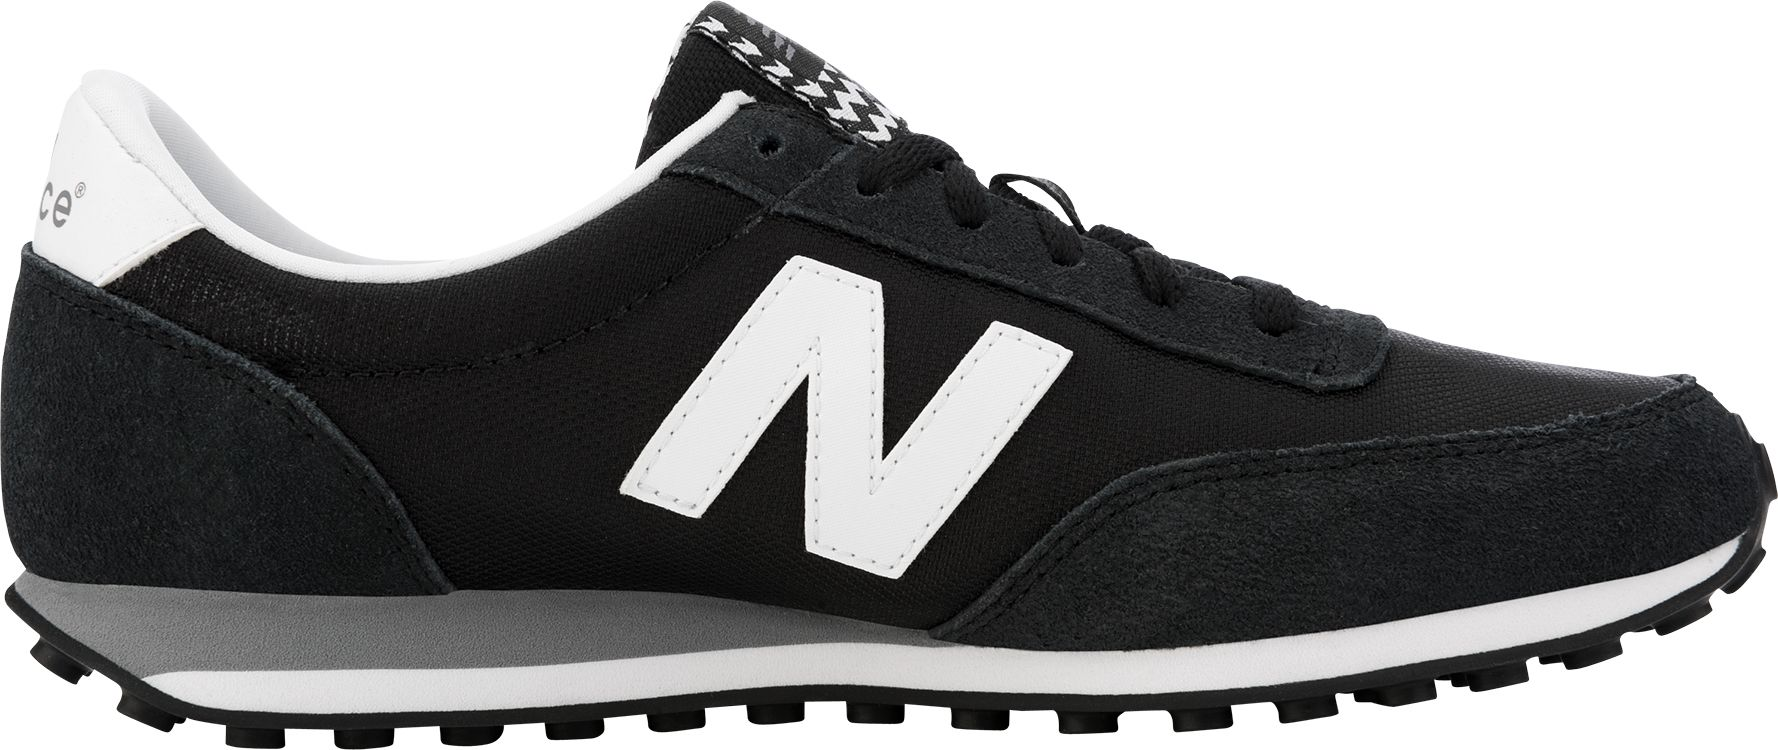 new balance zwart 410